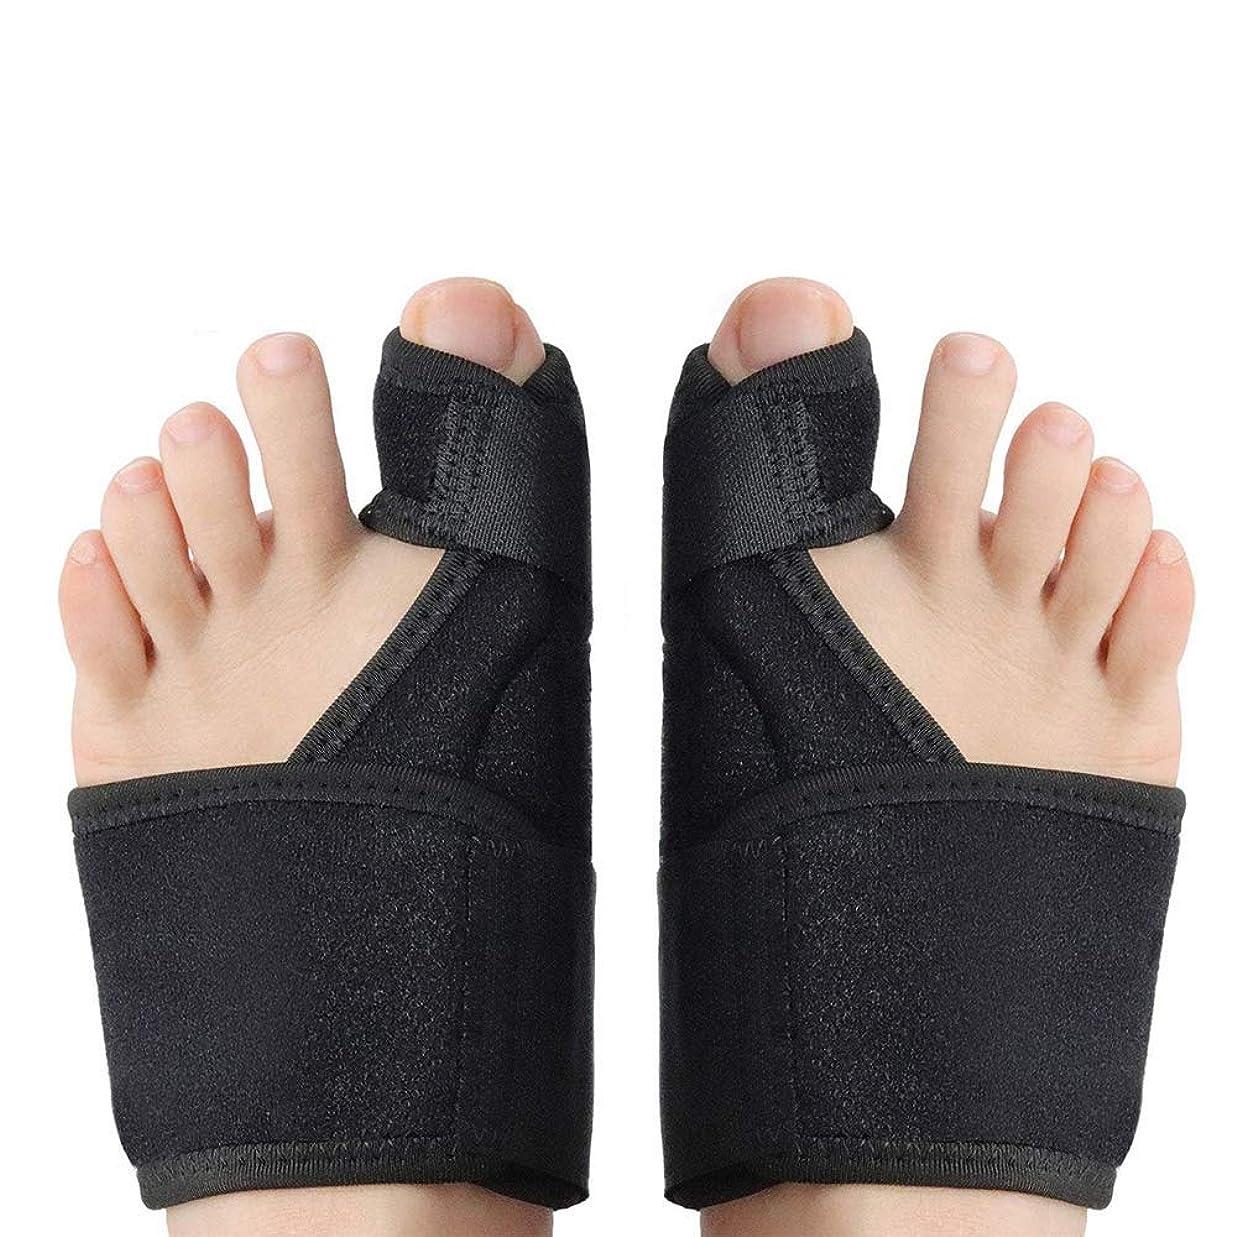 容量スリッパ開業医腱膜矯正および腱膜弛緩整形外科のつま先ストレイテナー御馳走して外反母趾装具快適な外反ベルトアップグレードパッケージ